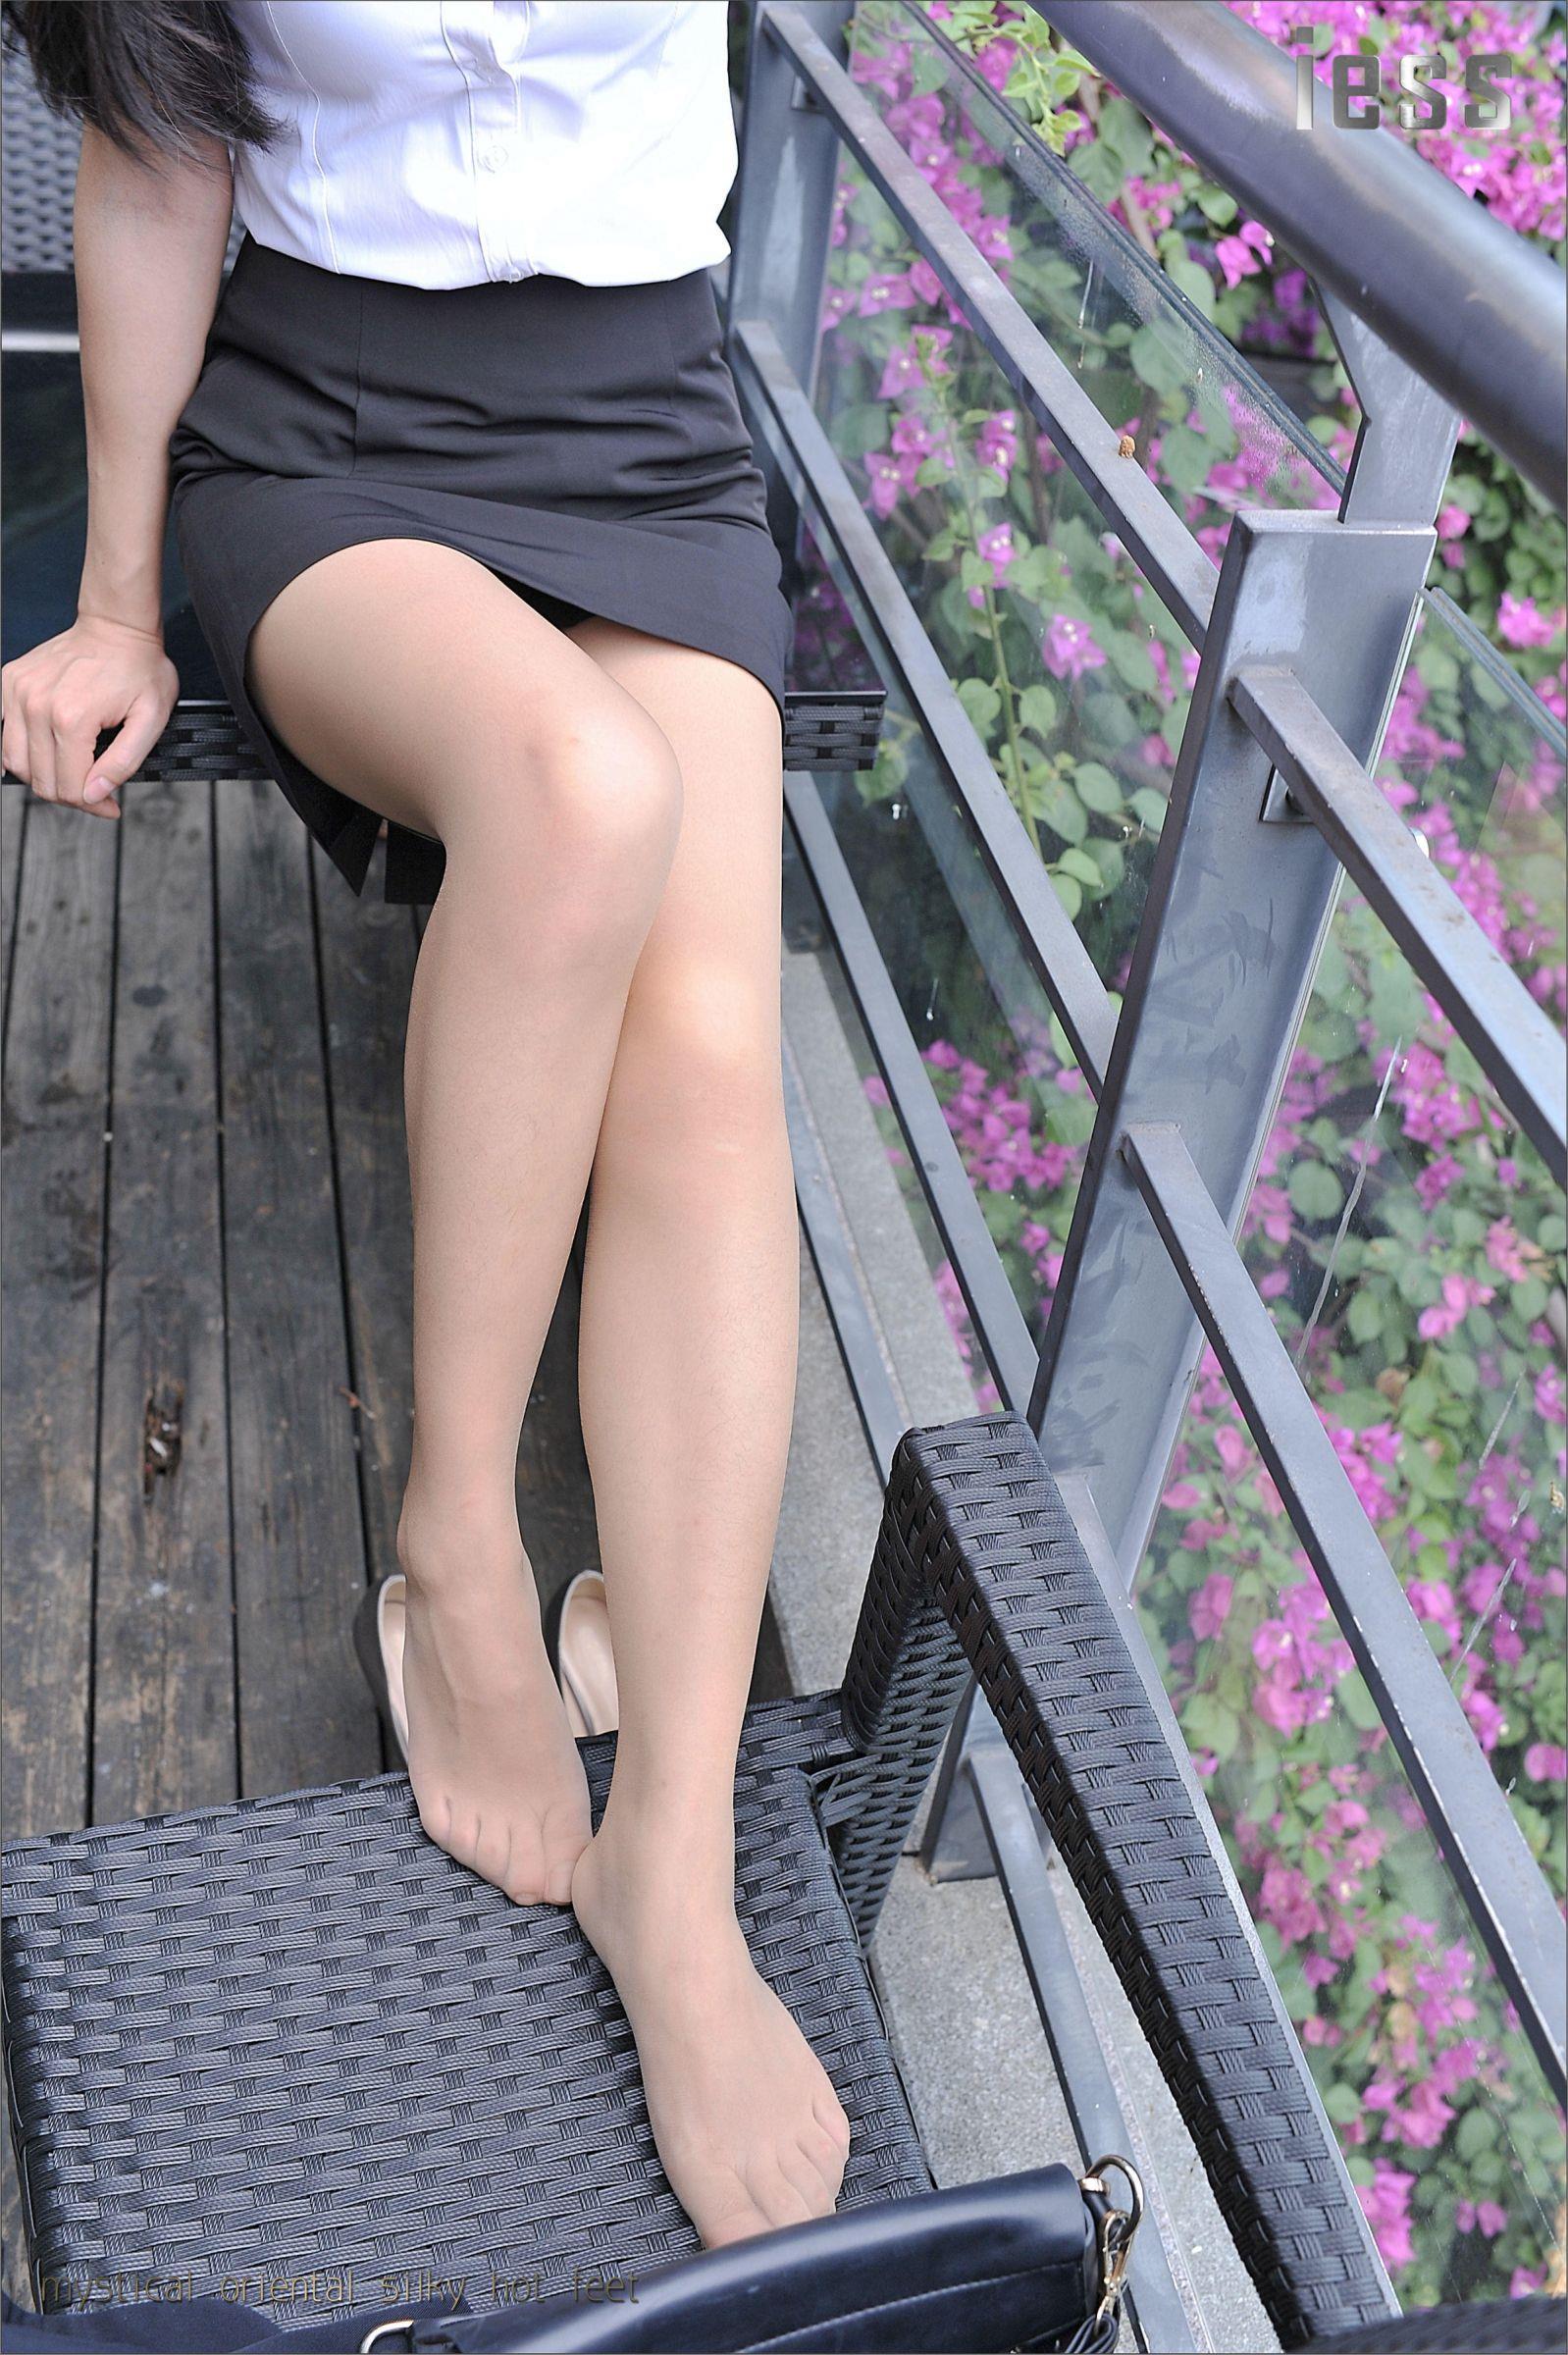 [IESS异思趣向]性感女秘书 小雪 白色短袖衬衫加黑色短裙与灰色丝袜美腿性感私房写真集